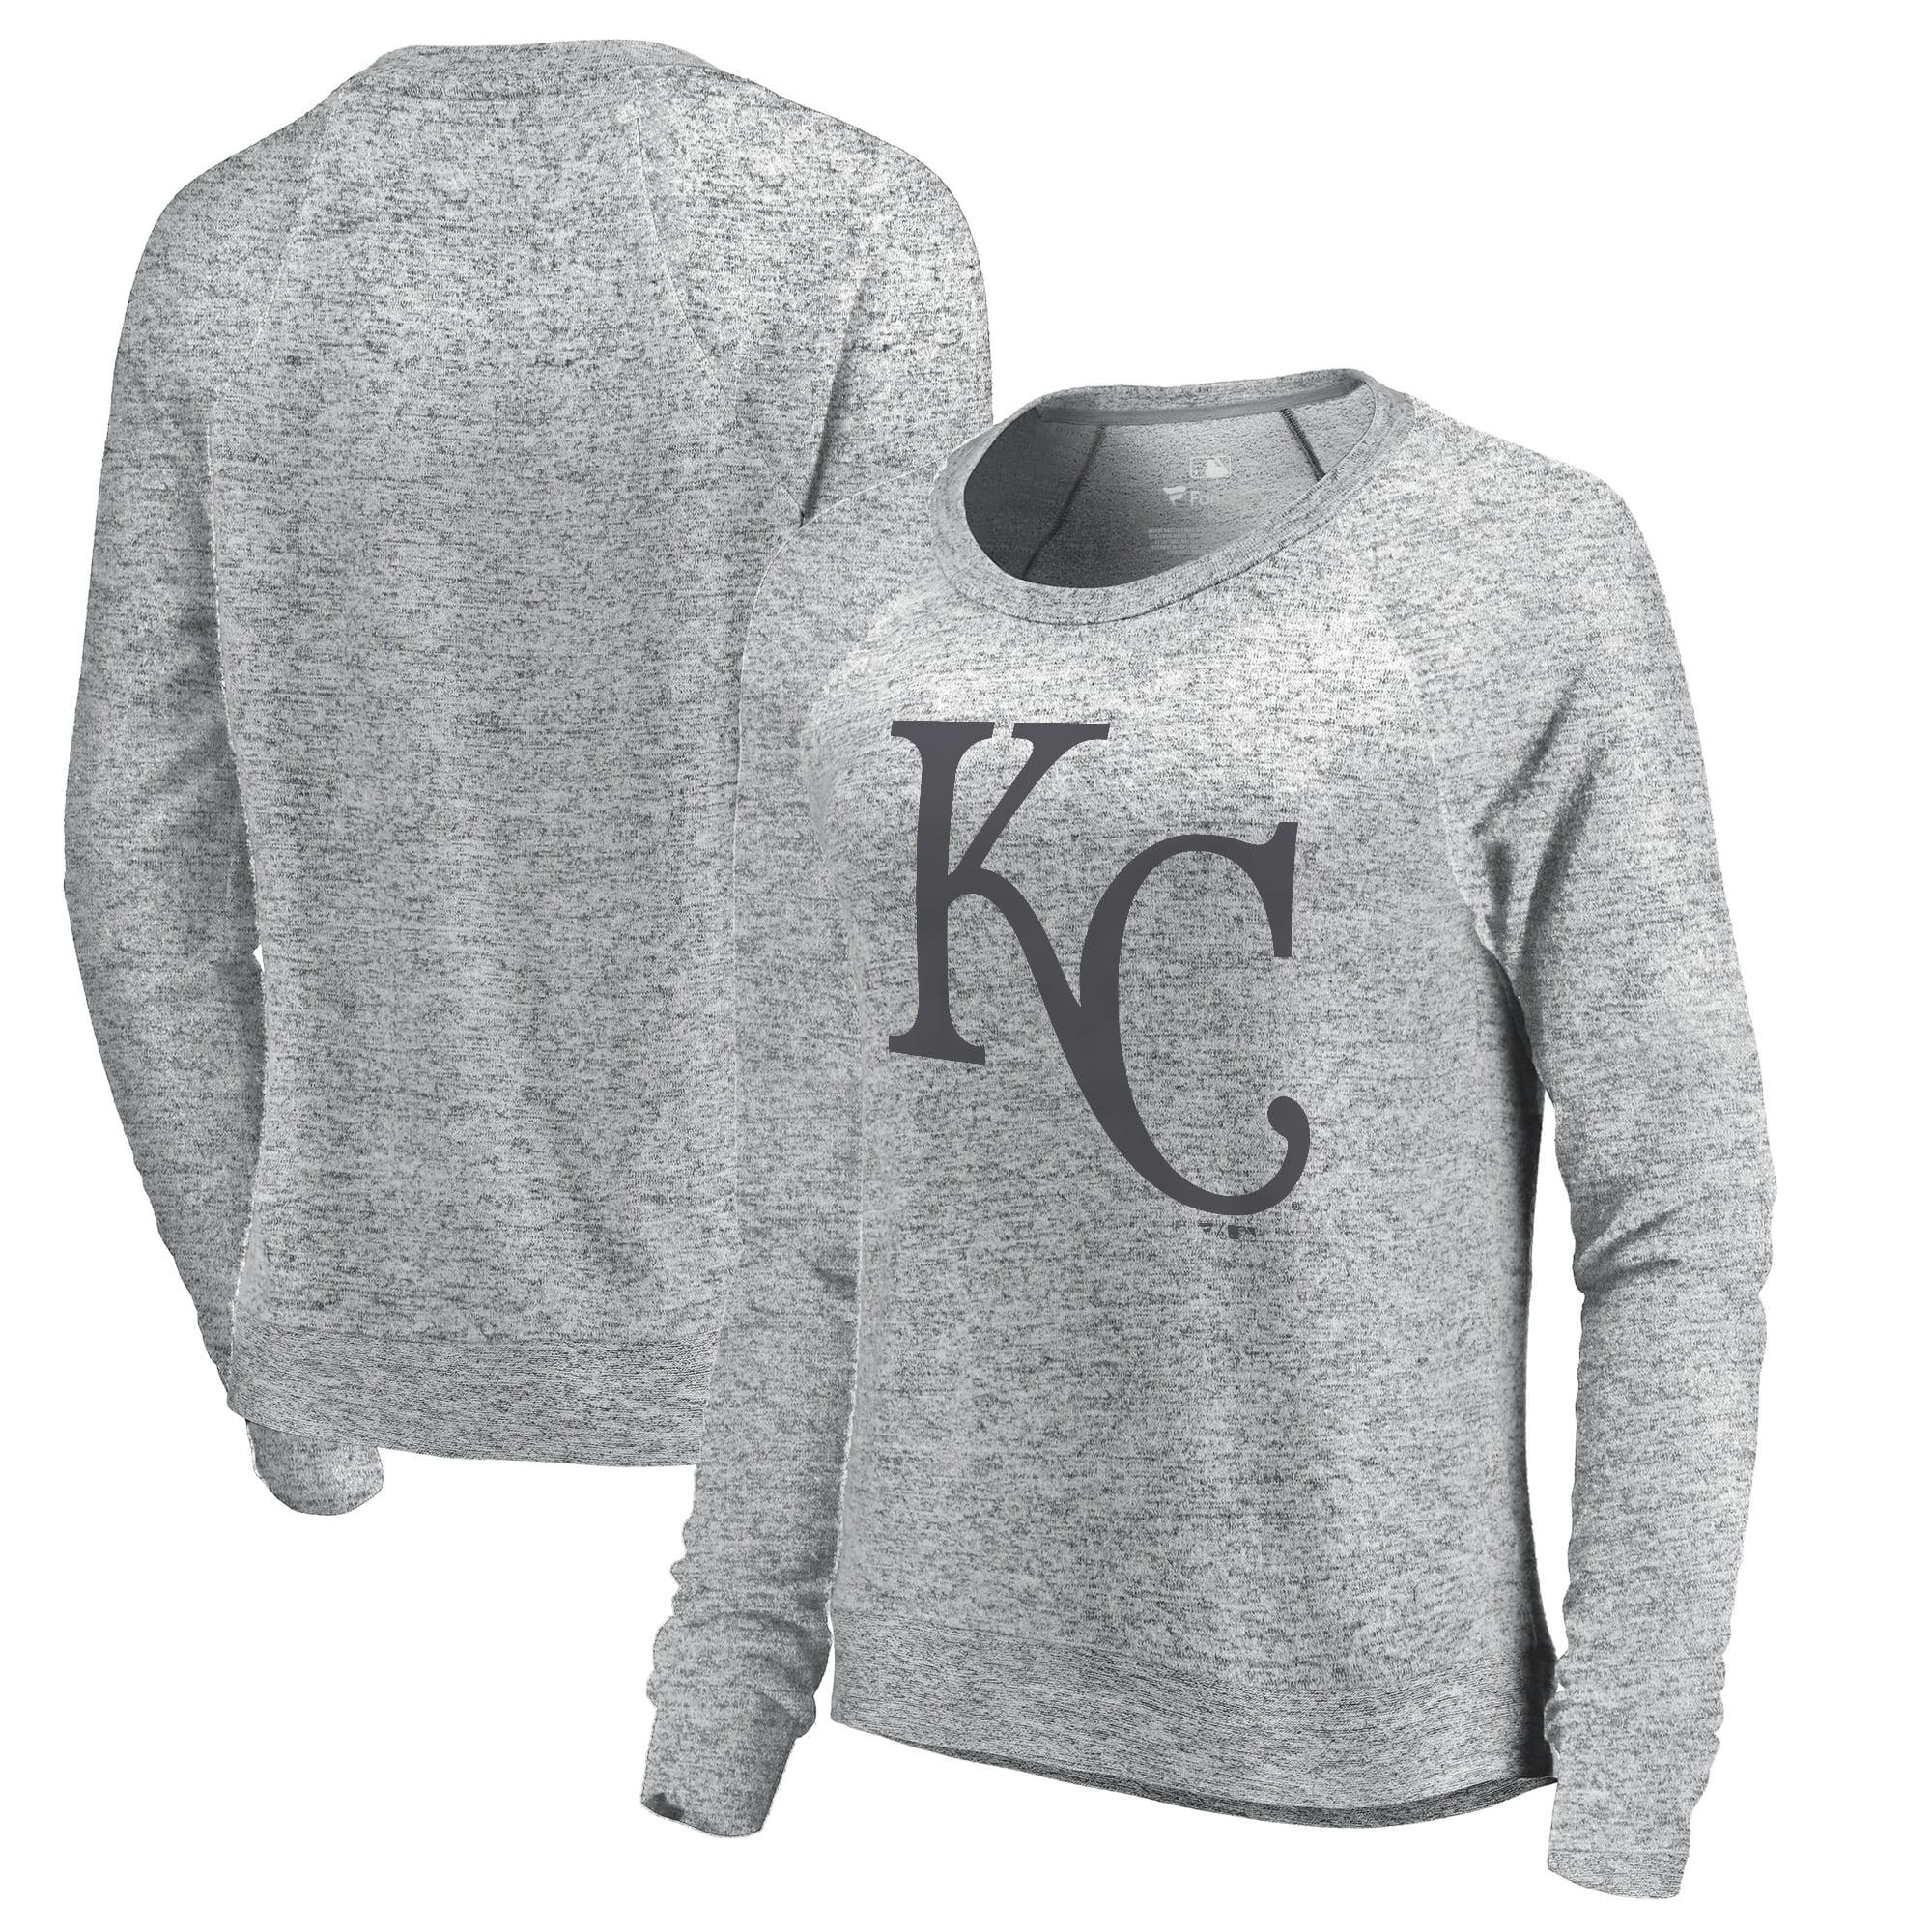 Kansas City Royals Let Loose by RNL Women's Cozy Collection Plush Raglan Tri-Blend Sweatshirt - Ash